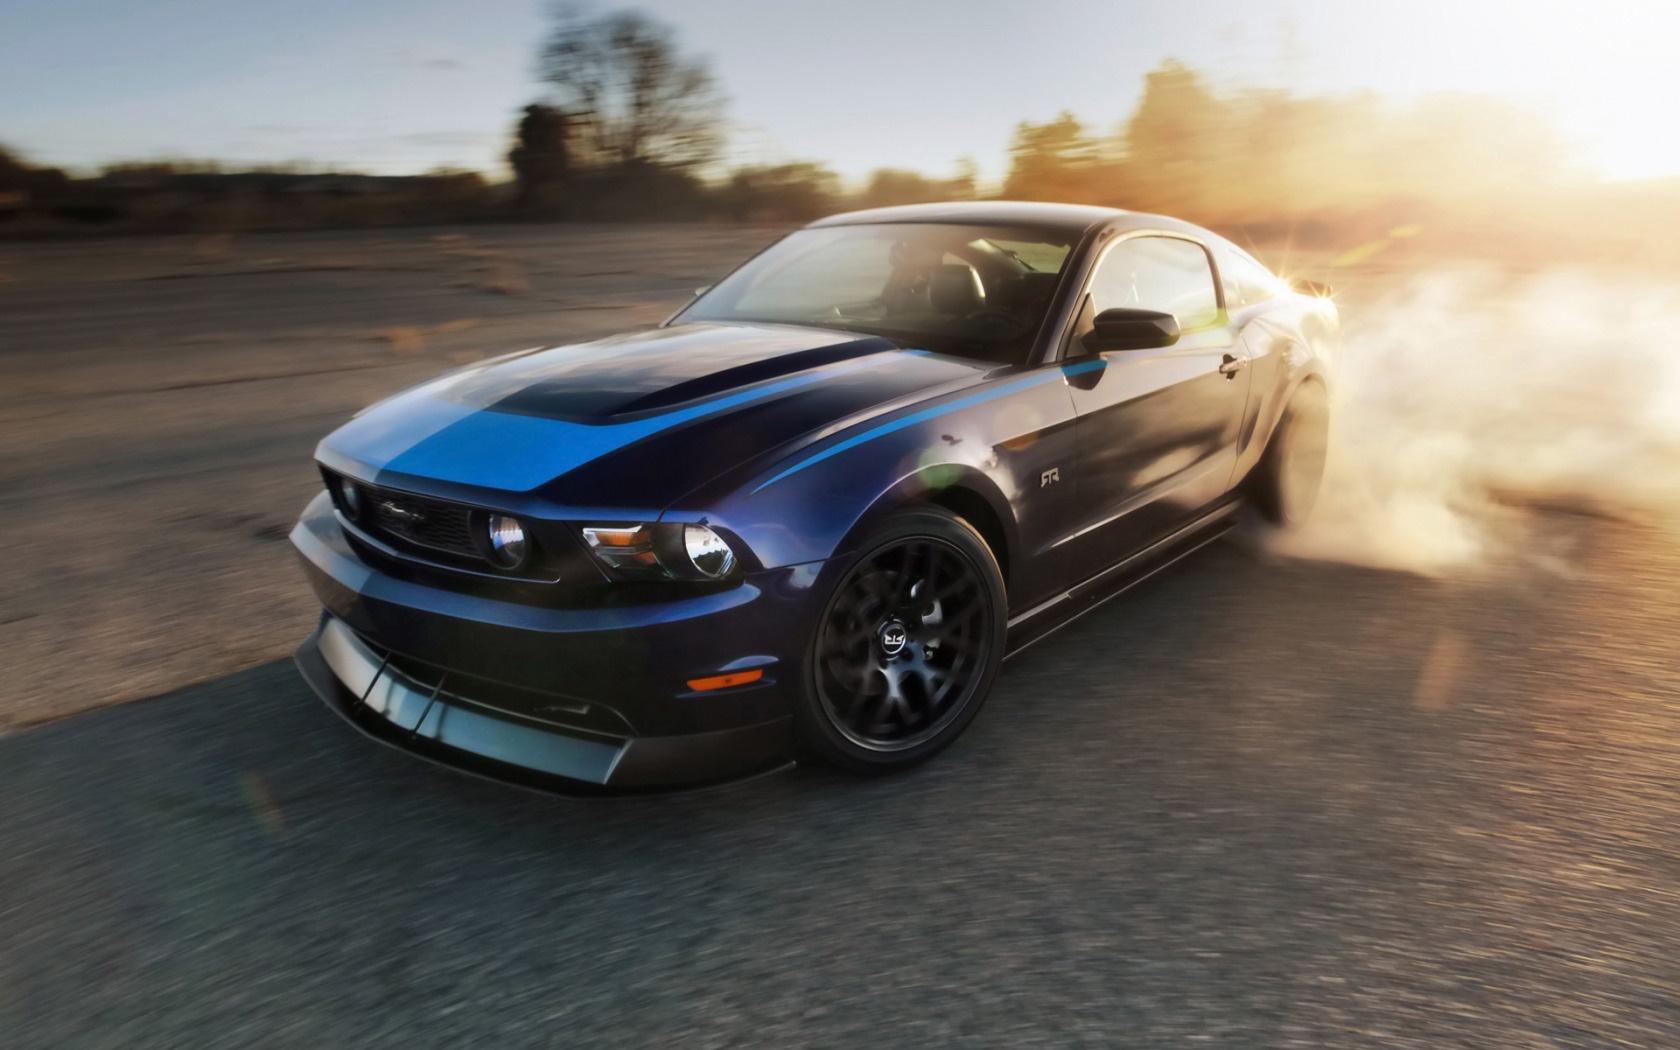 Ford Mustang Wallpaper Drift Car Desktop HD 1133   bwallescom 1680x1050